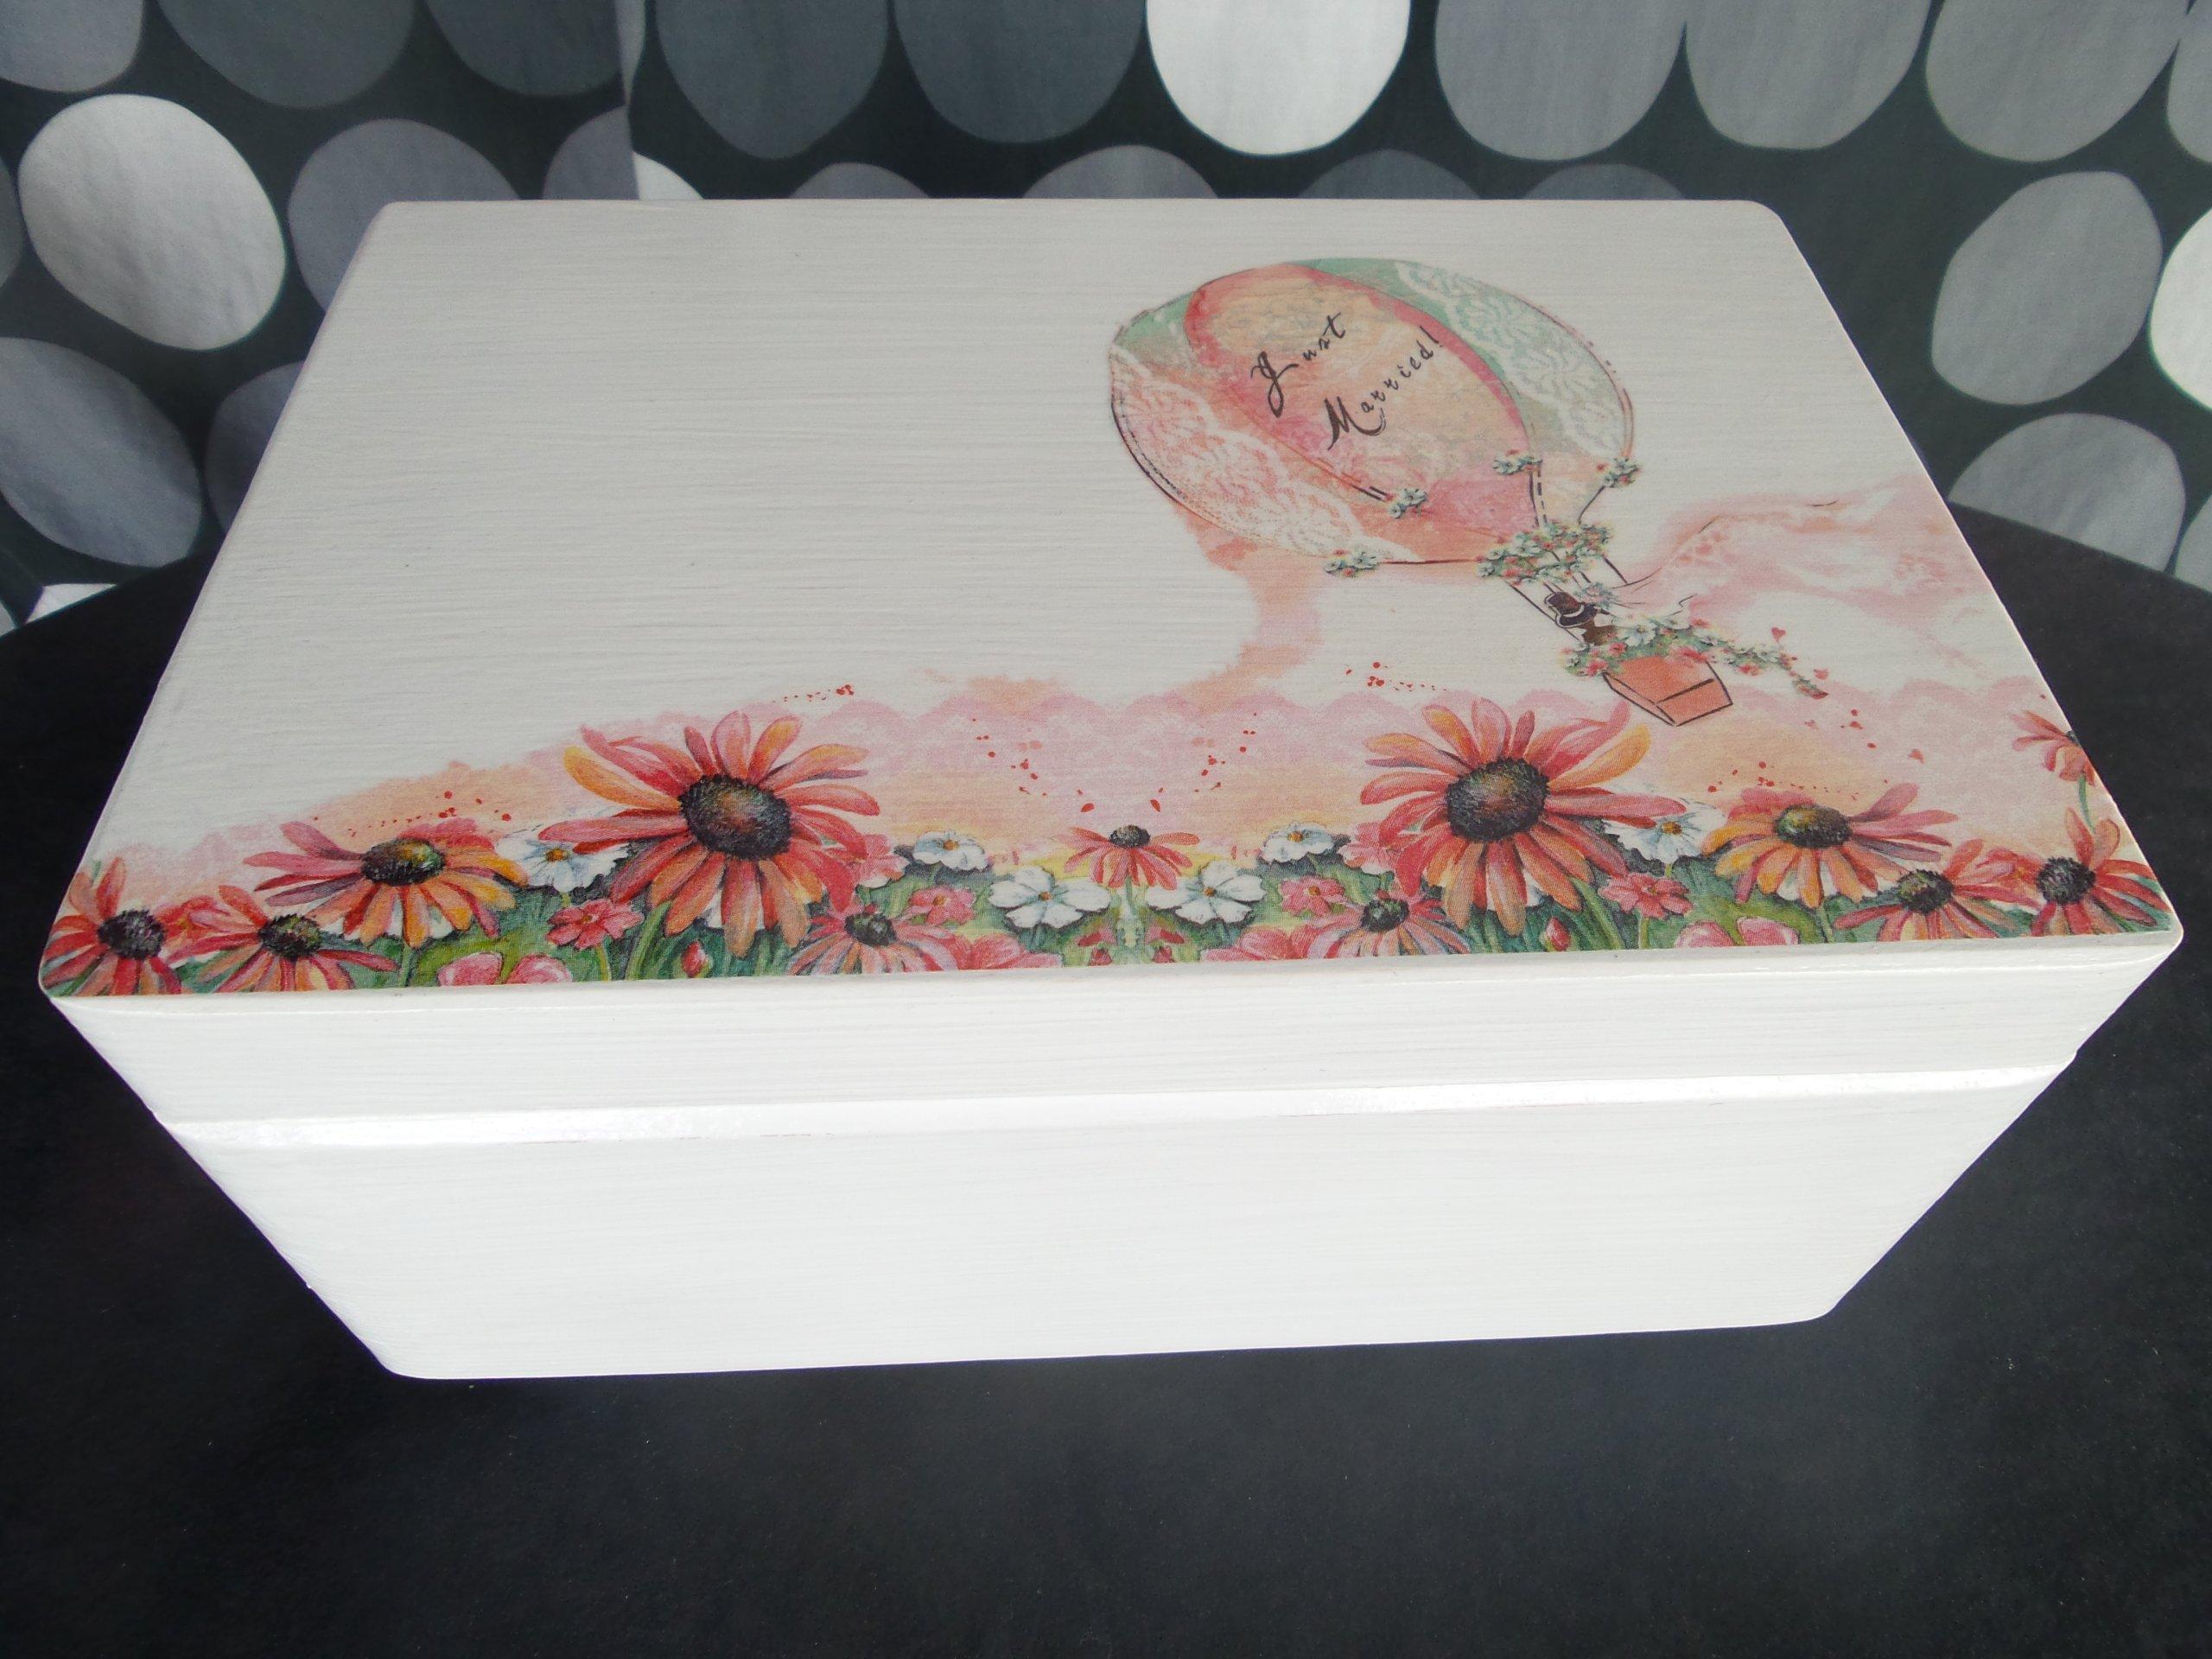 Skrzynka Pudełko na koperty Ślubne Ślub Wesele